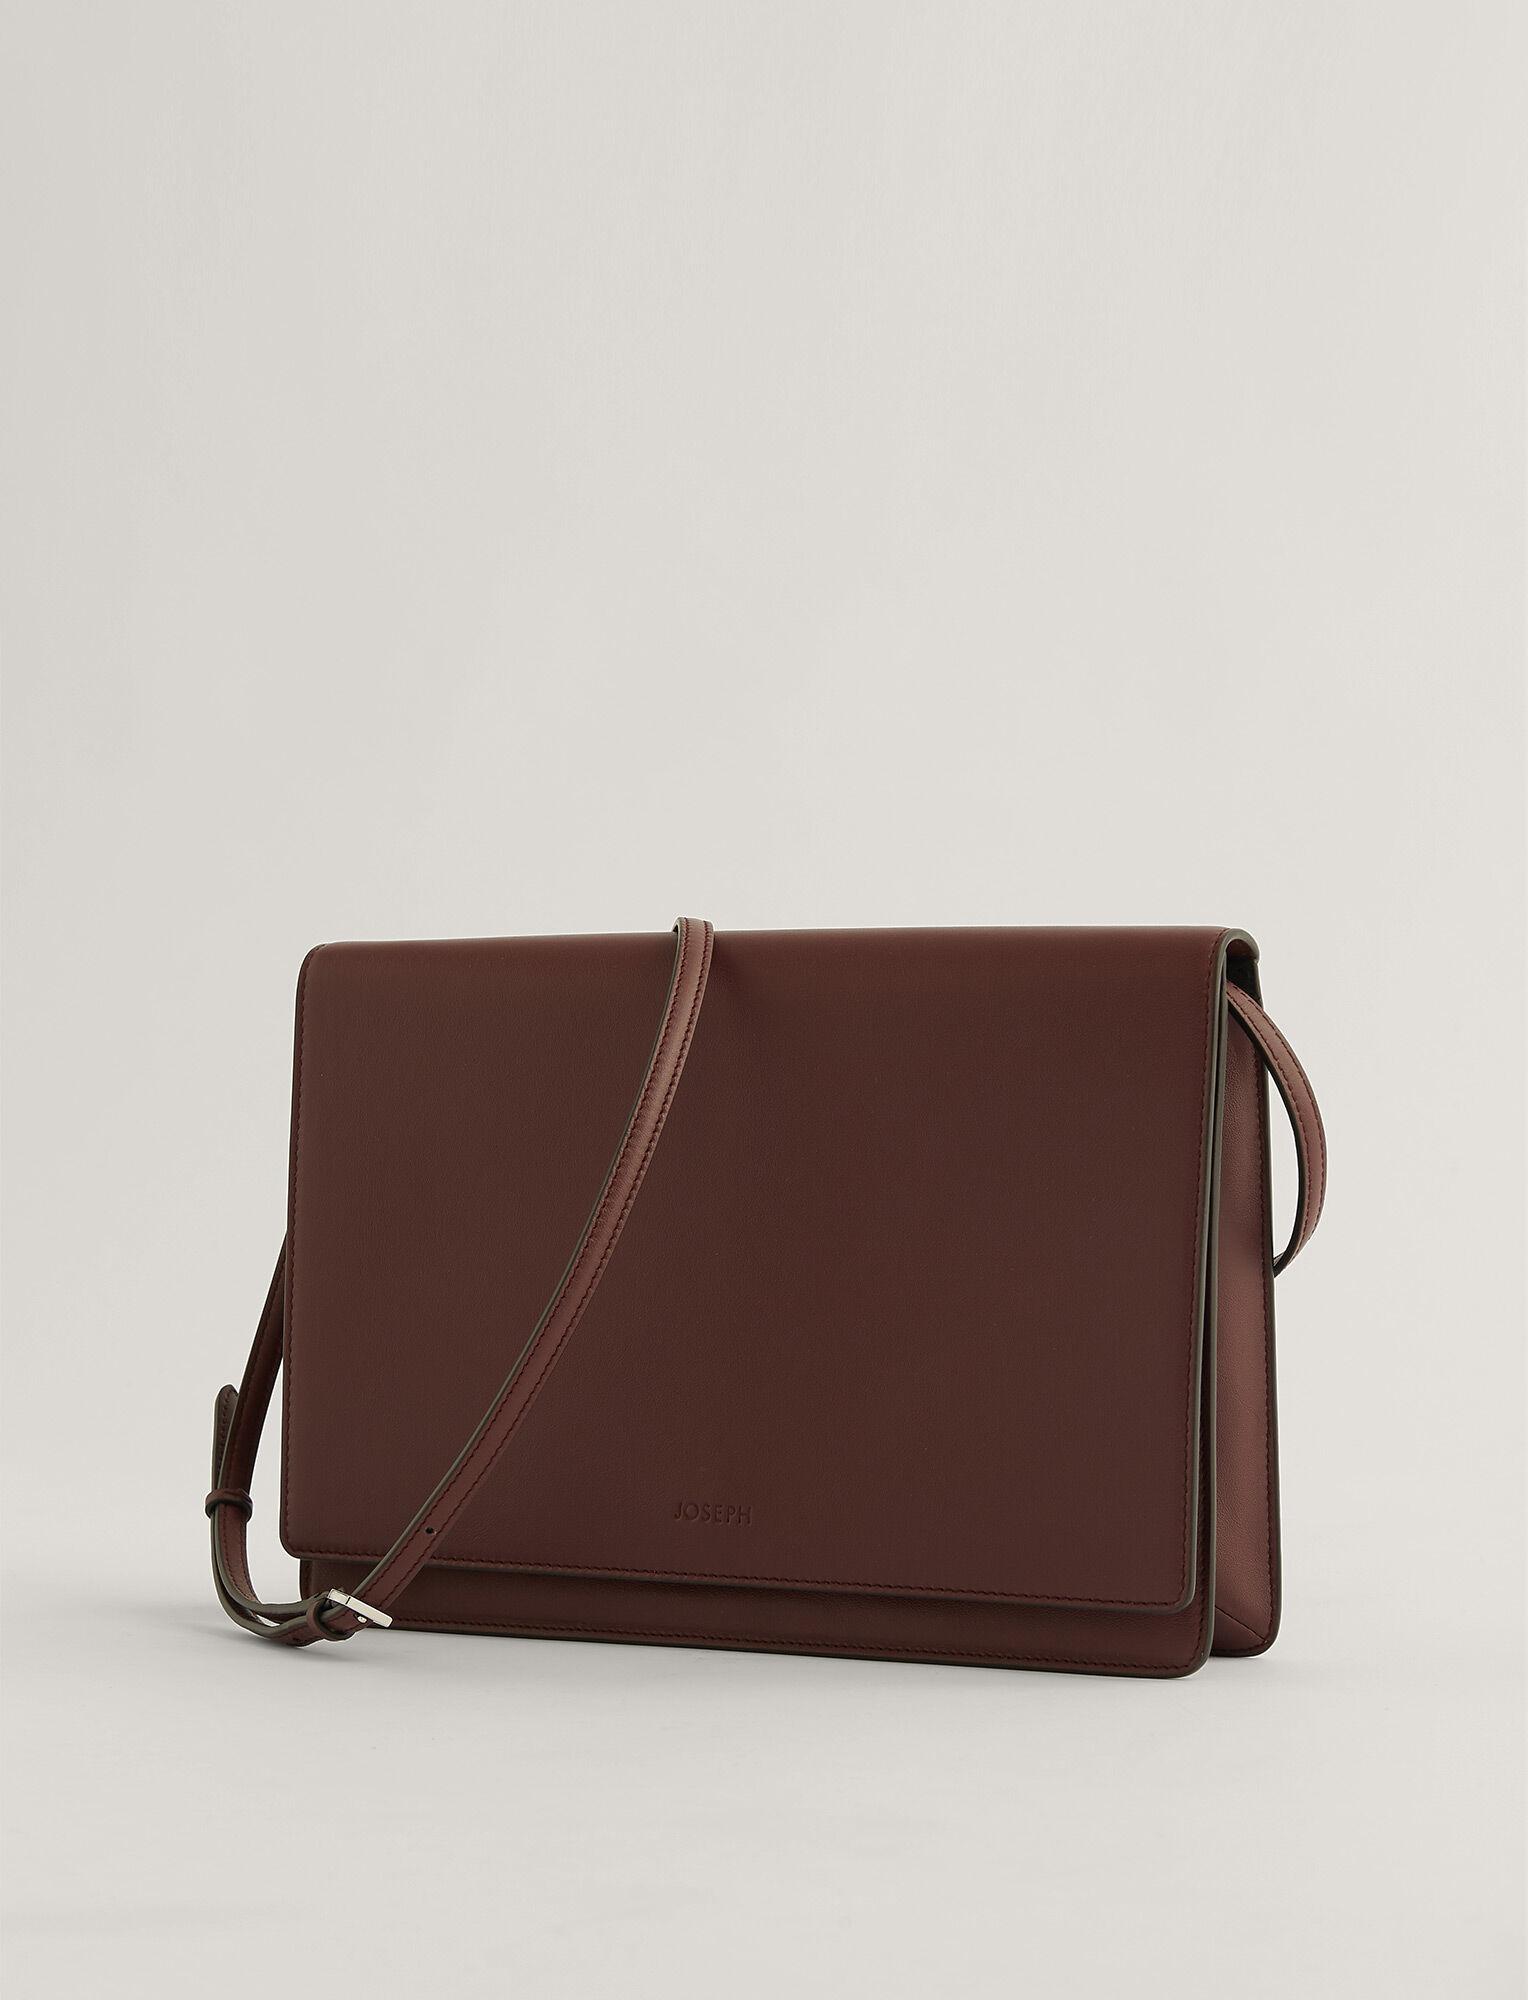 Joseph, Flap Bag, in Ganache